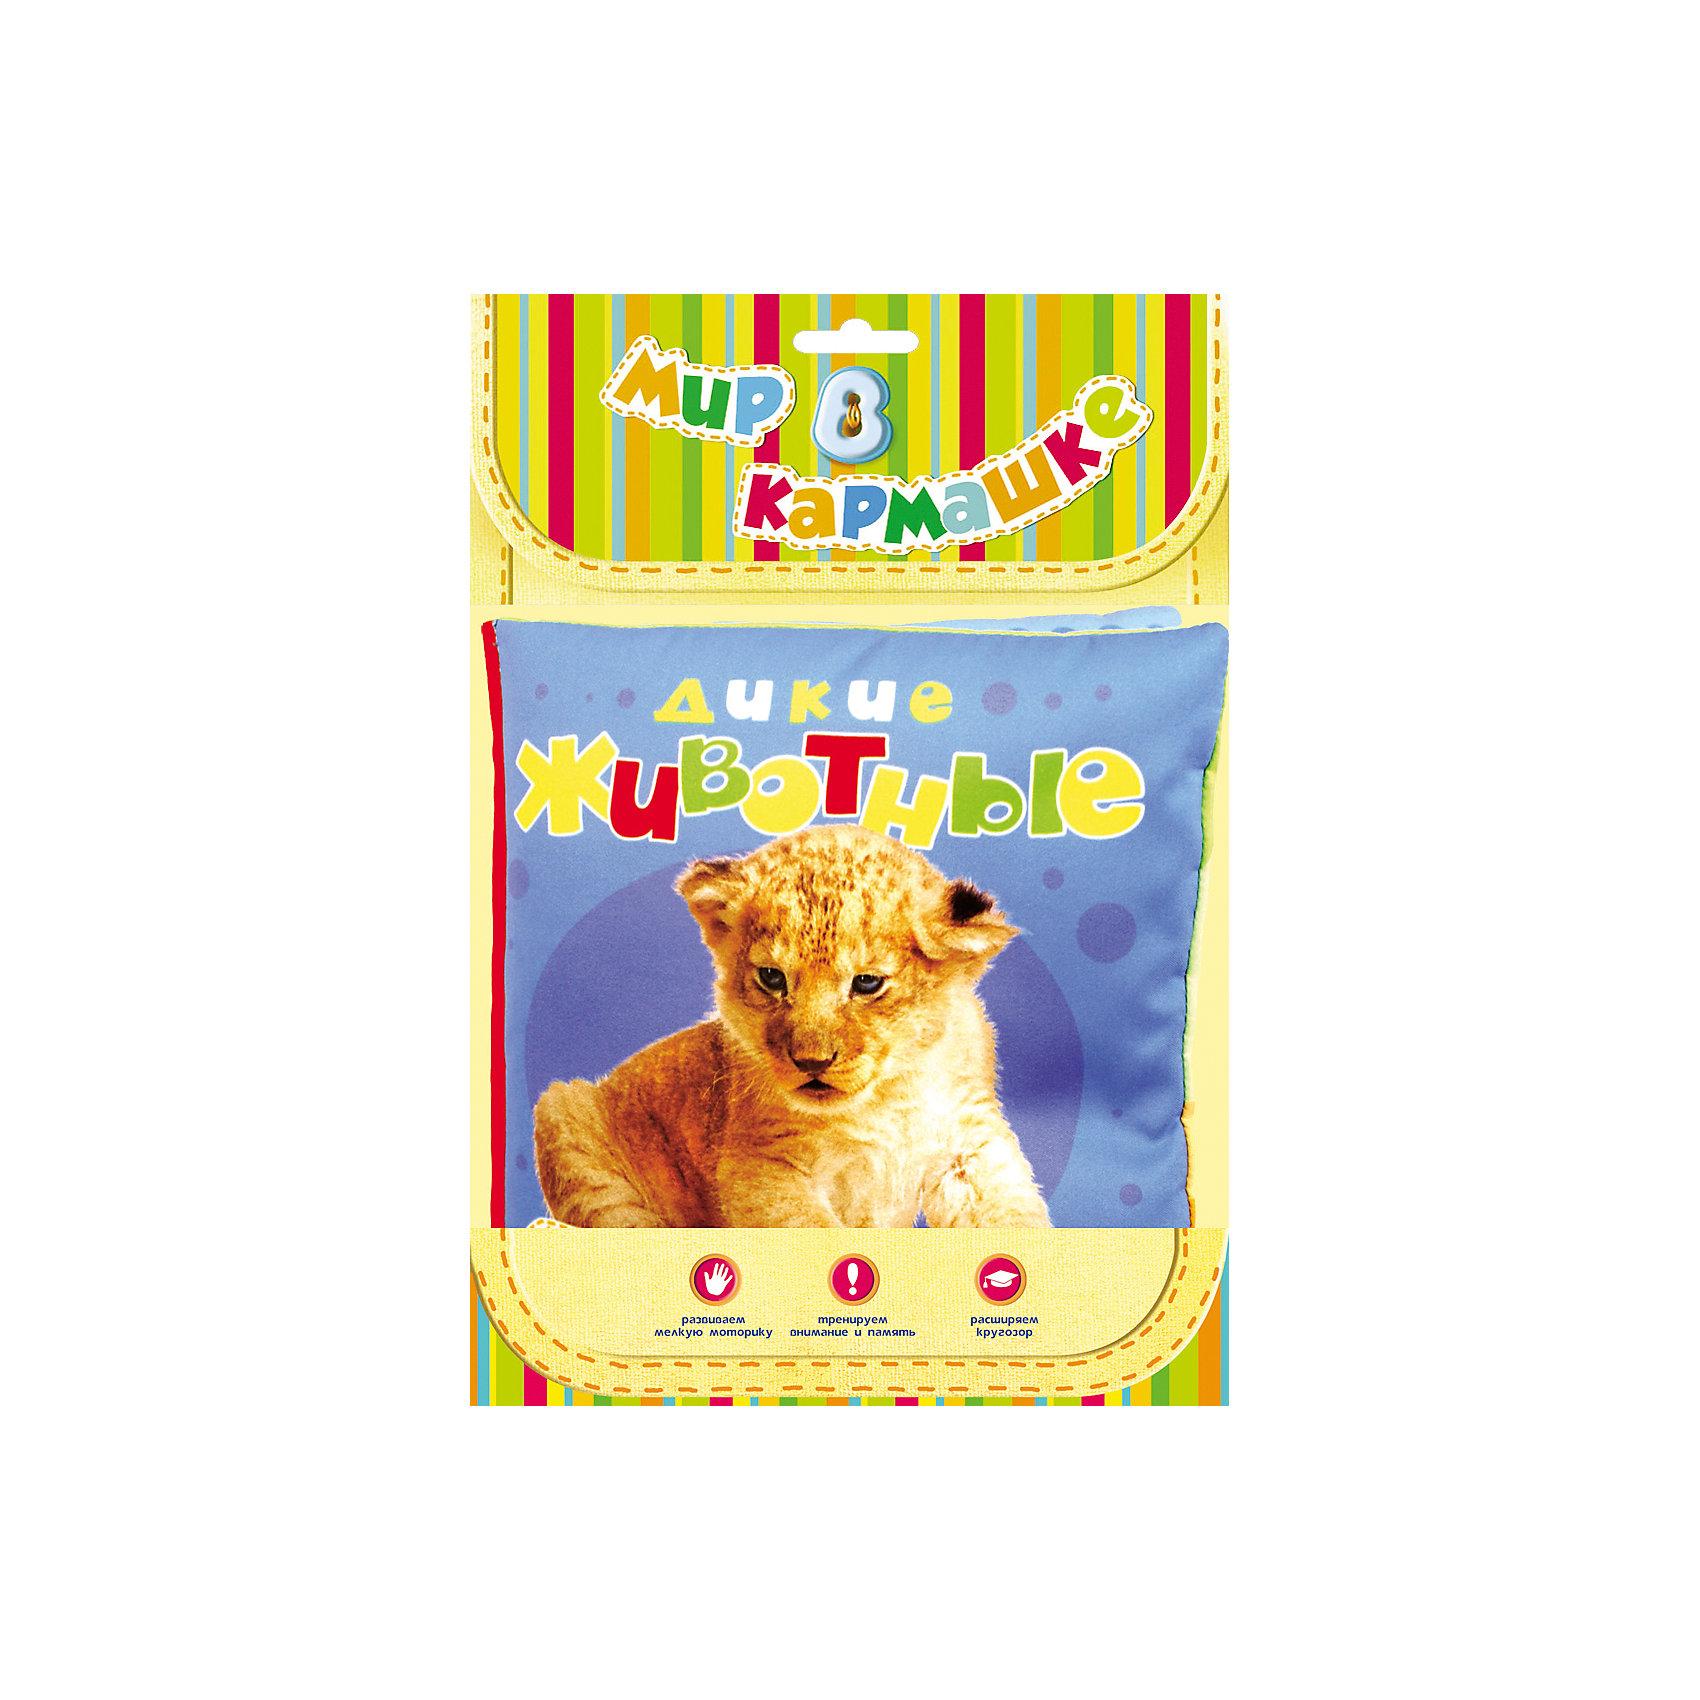 Книжка-игрушка Дикие животные, Мир в кармашкеРазвиваем тактильное восприятие с мягкой тканевой книжкой-подушкой! В каждый разворот вшита специальная вставка - странички звенят, шуршат и пищат. Яркие фотоиллюстрации диких животных и простые подписи - играем и расширяем кругозор!<br><br>Ширина мм: 310<br>Глубина мм: 215<br>Высота мм: 30<br>Вес г: 110<br>Возраст от месяцев: -2147483648<br>Возраст до месяцев: 2147483647<br>Пол: Унисекс<br>Возраст: Детский<br>SKU: 4720611